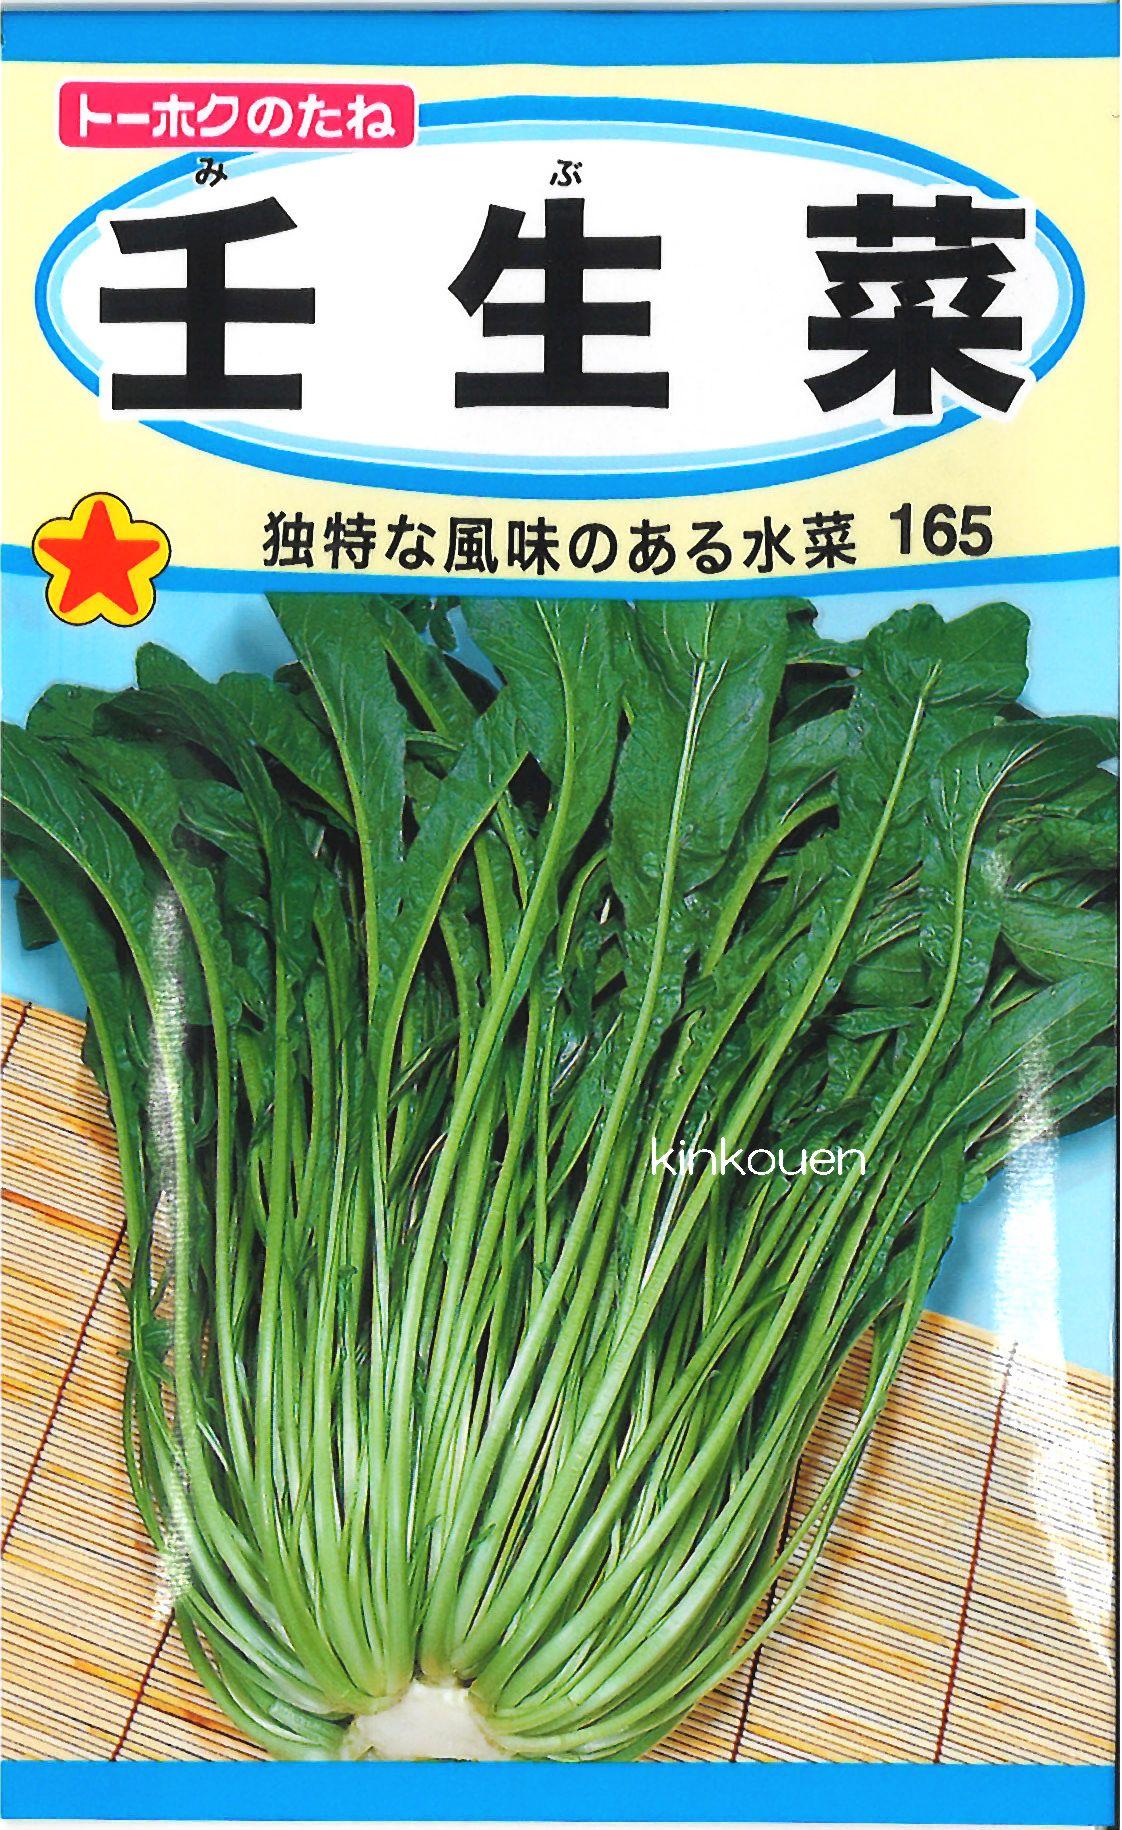 【代引不可】【5袋まで送料80円】 □壬生菜